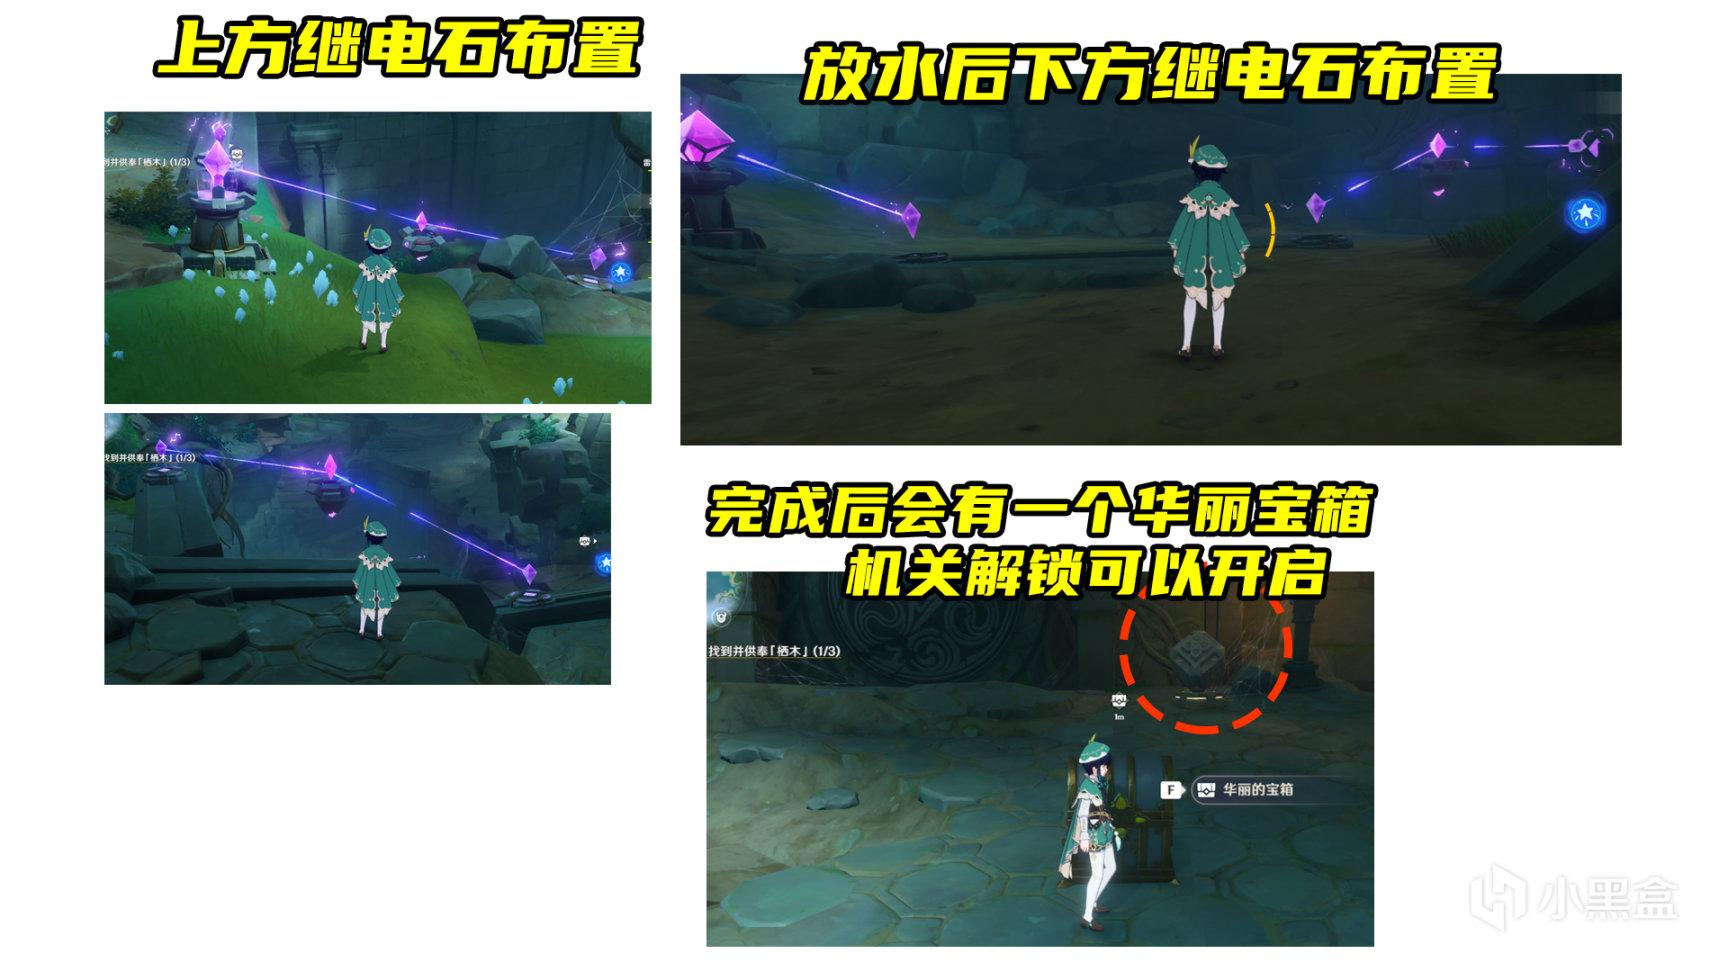 【雾海纪行】最详细的全攻略(多图警告)插图42